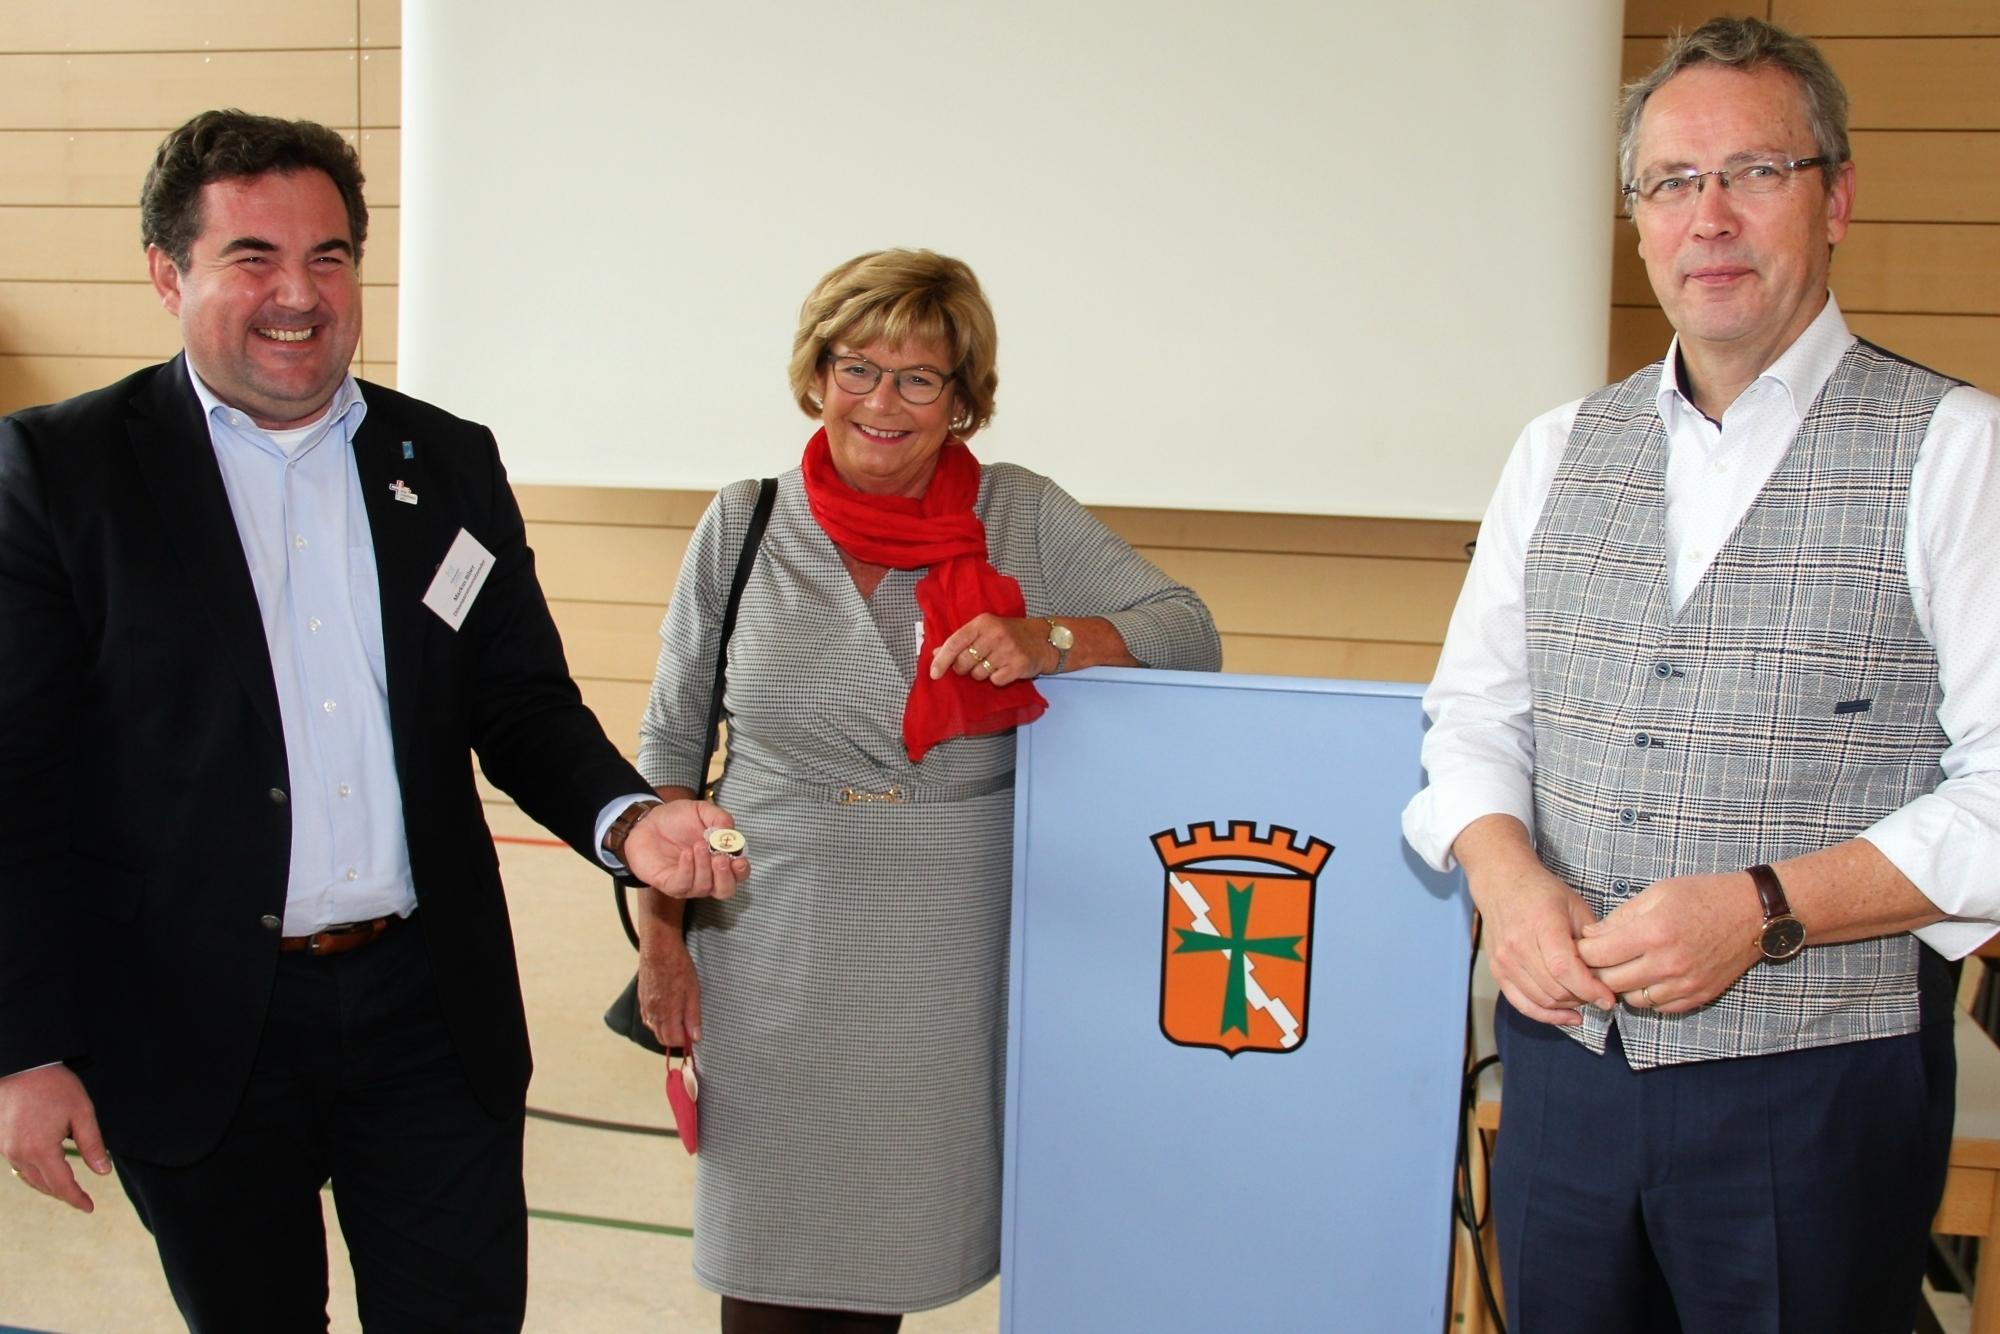 Bp Mediendienste Di Âzesanrat Dekanatssynode Passau Gemeinsame Sitzung 16 10 2021 1